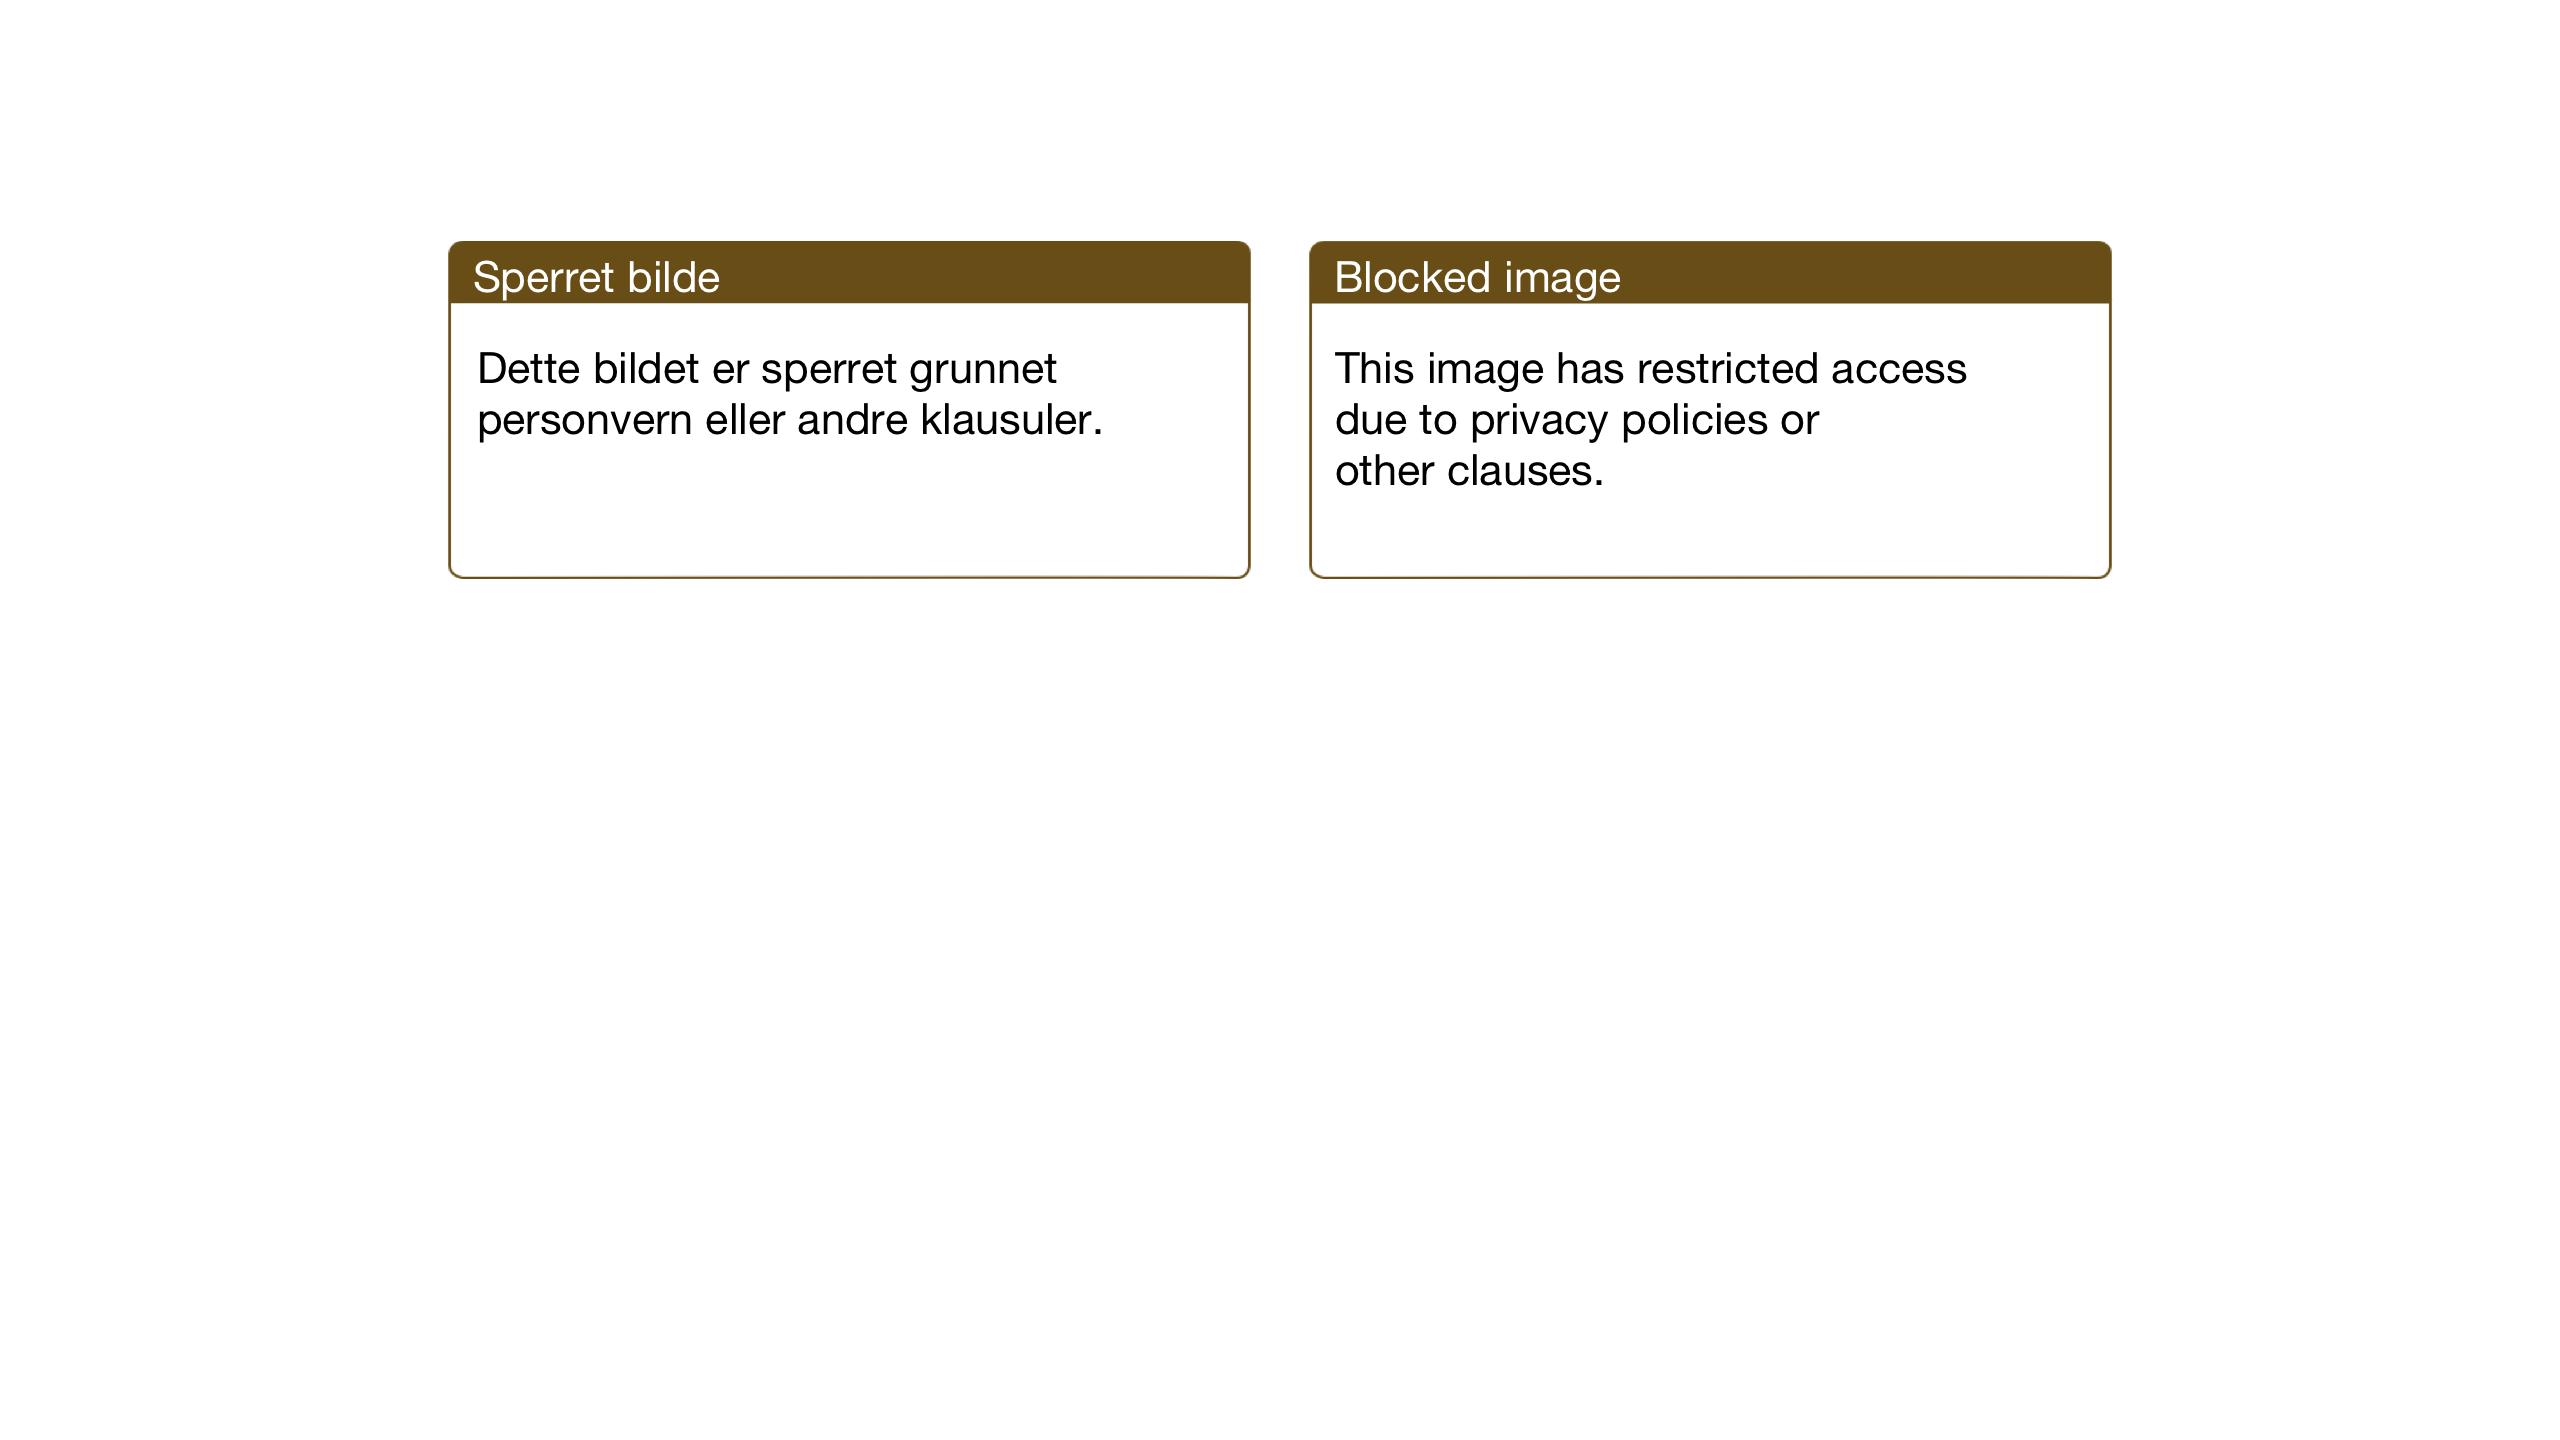 SAT, Ministerialprotokoller, klokkerbøker og fødselsregistre - Nord-Trøndelag, 709/L0089: Klokkerbok nr. 709C03, 1935-1948, s. 137